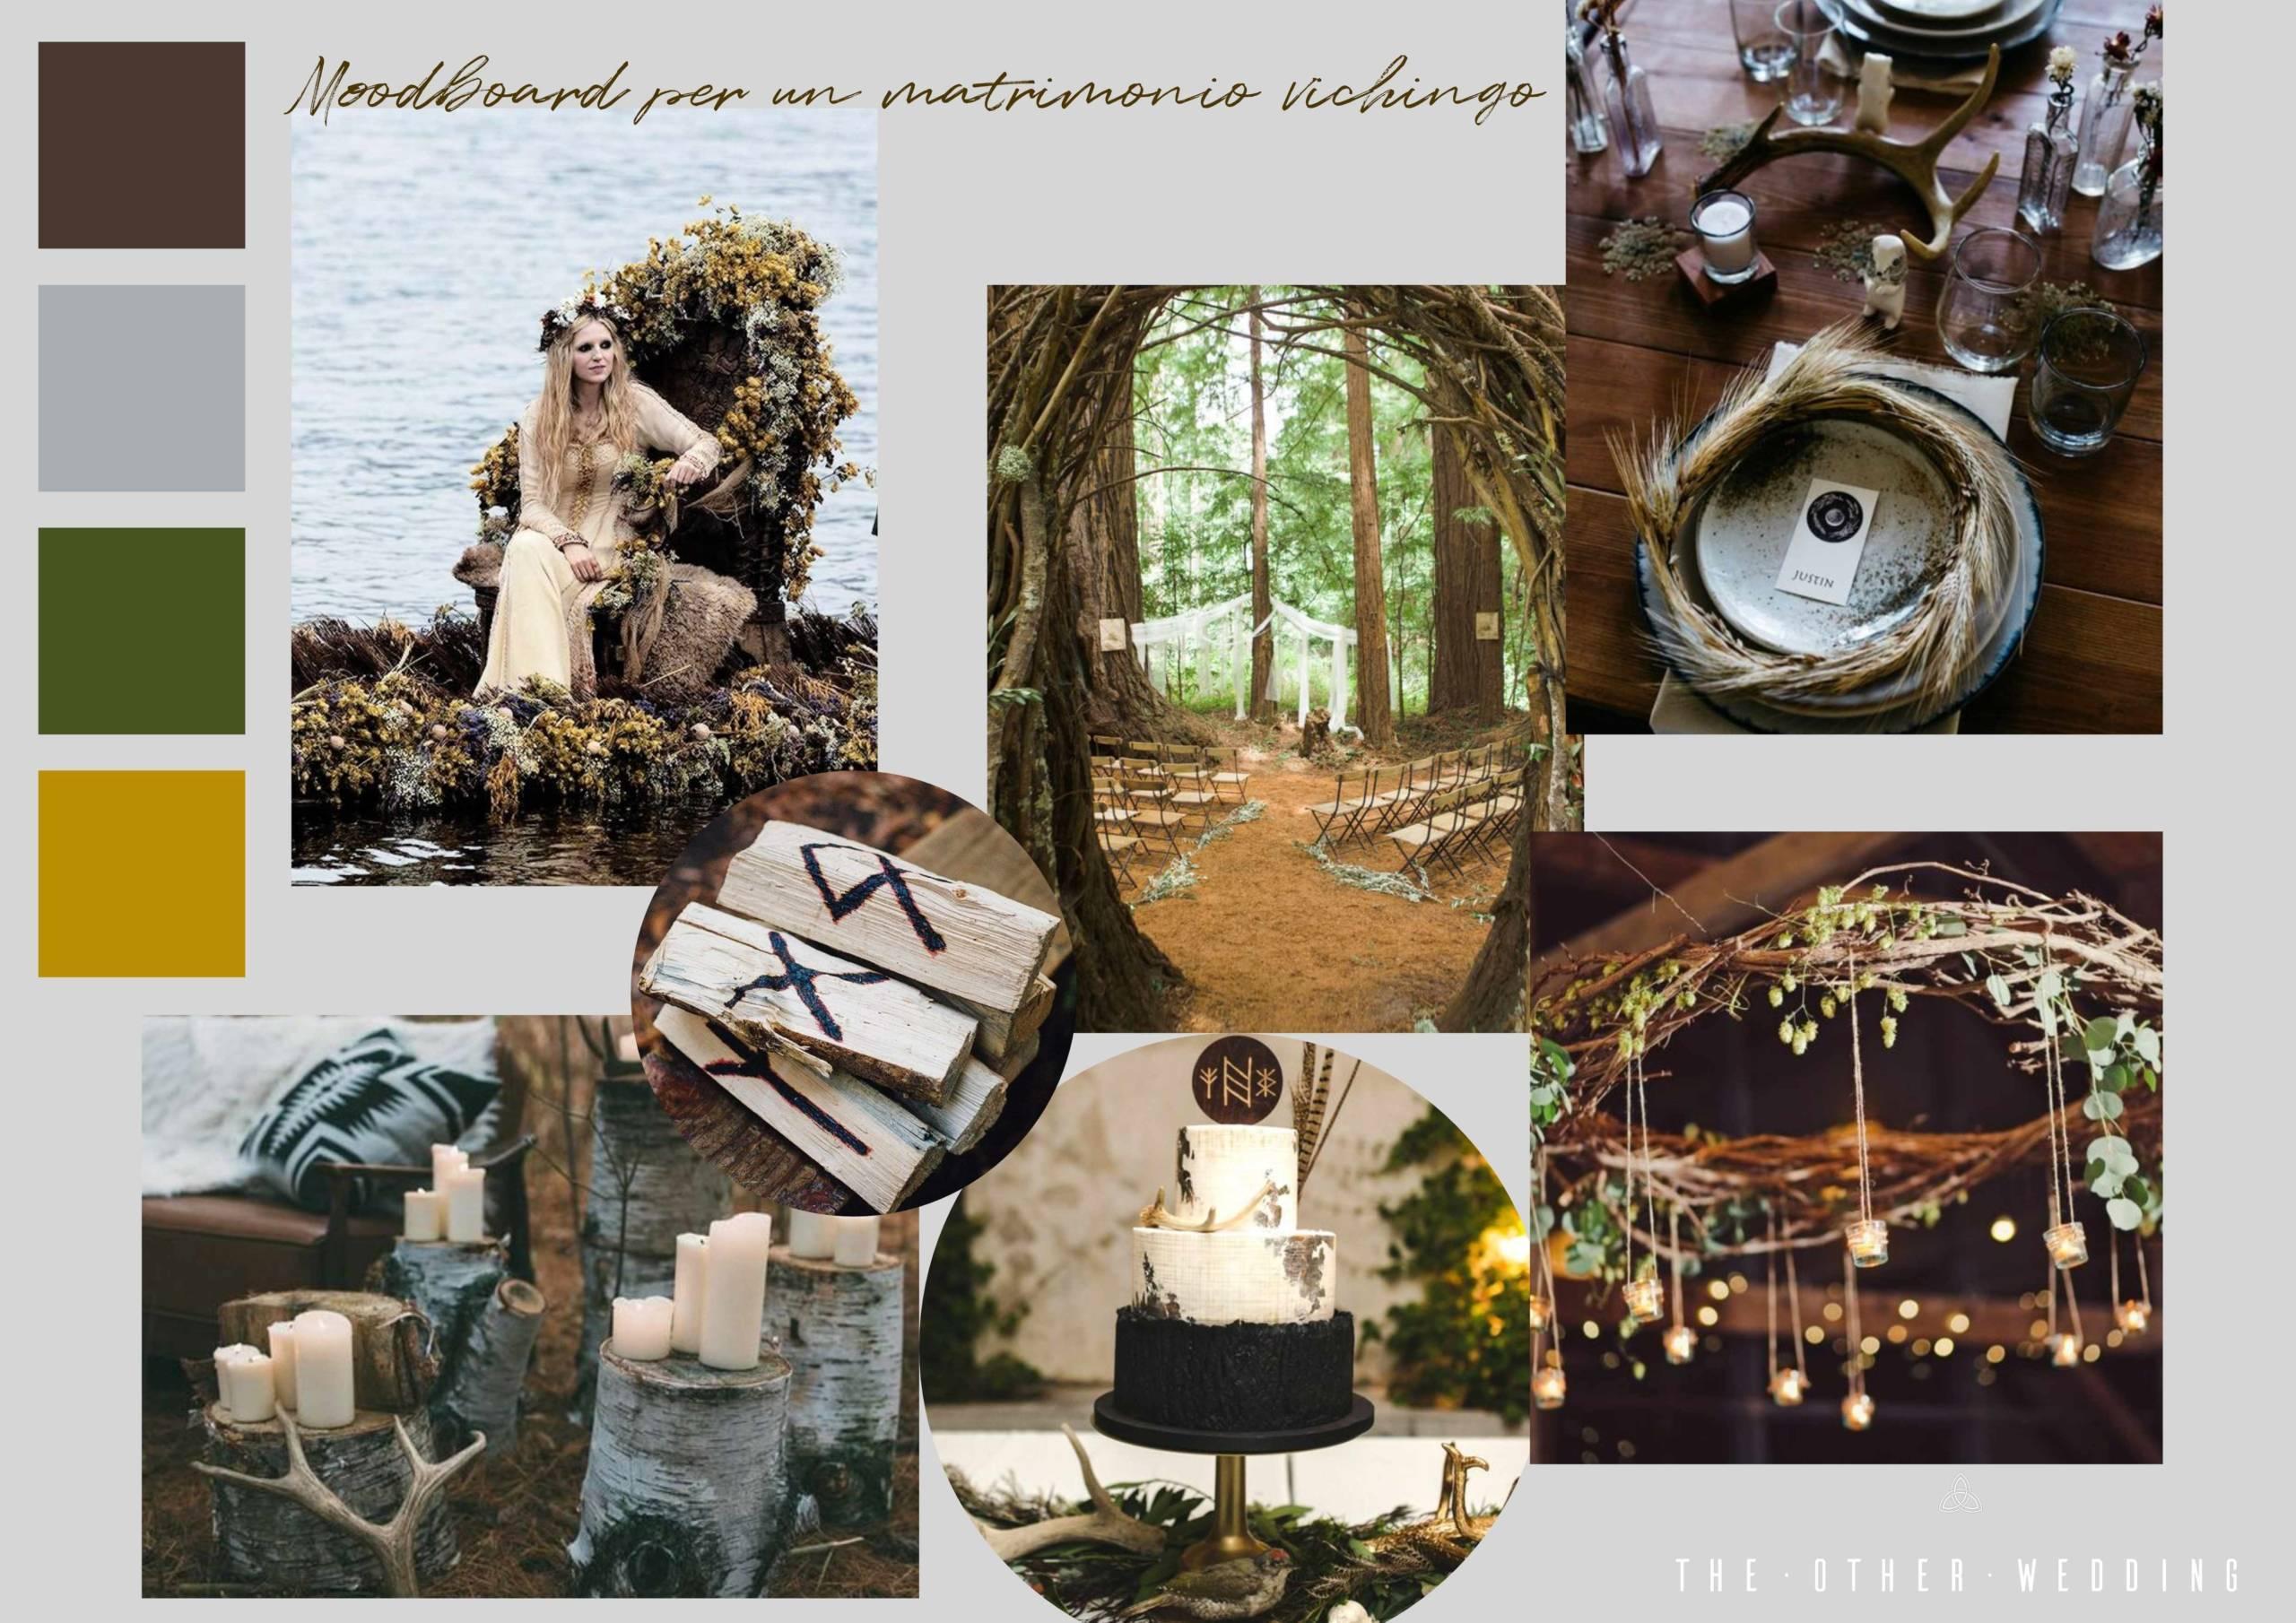 The Other Wedding_Moodboard per un matrimonio vichingo